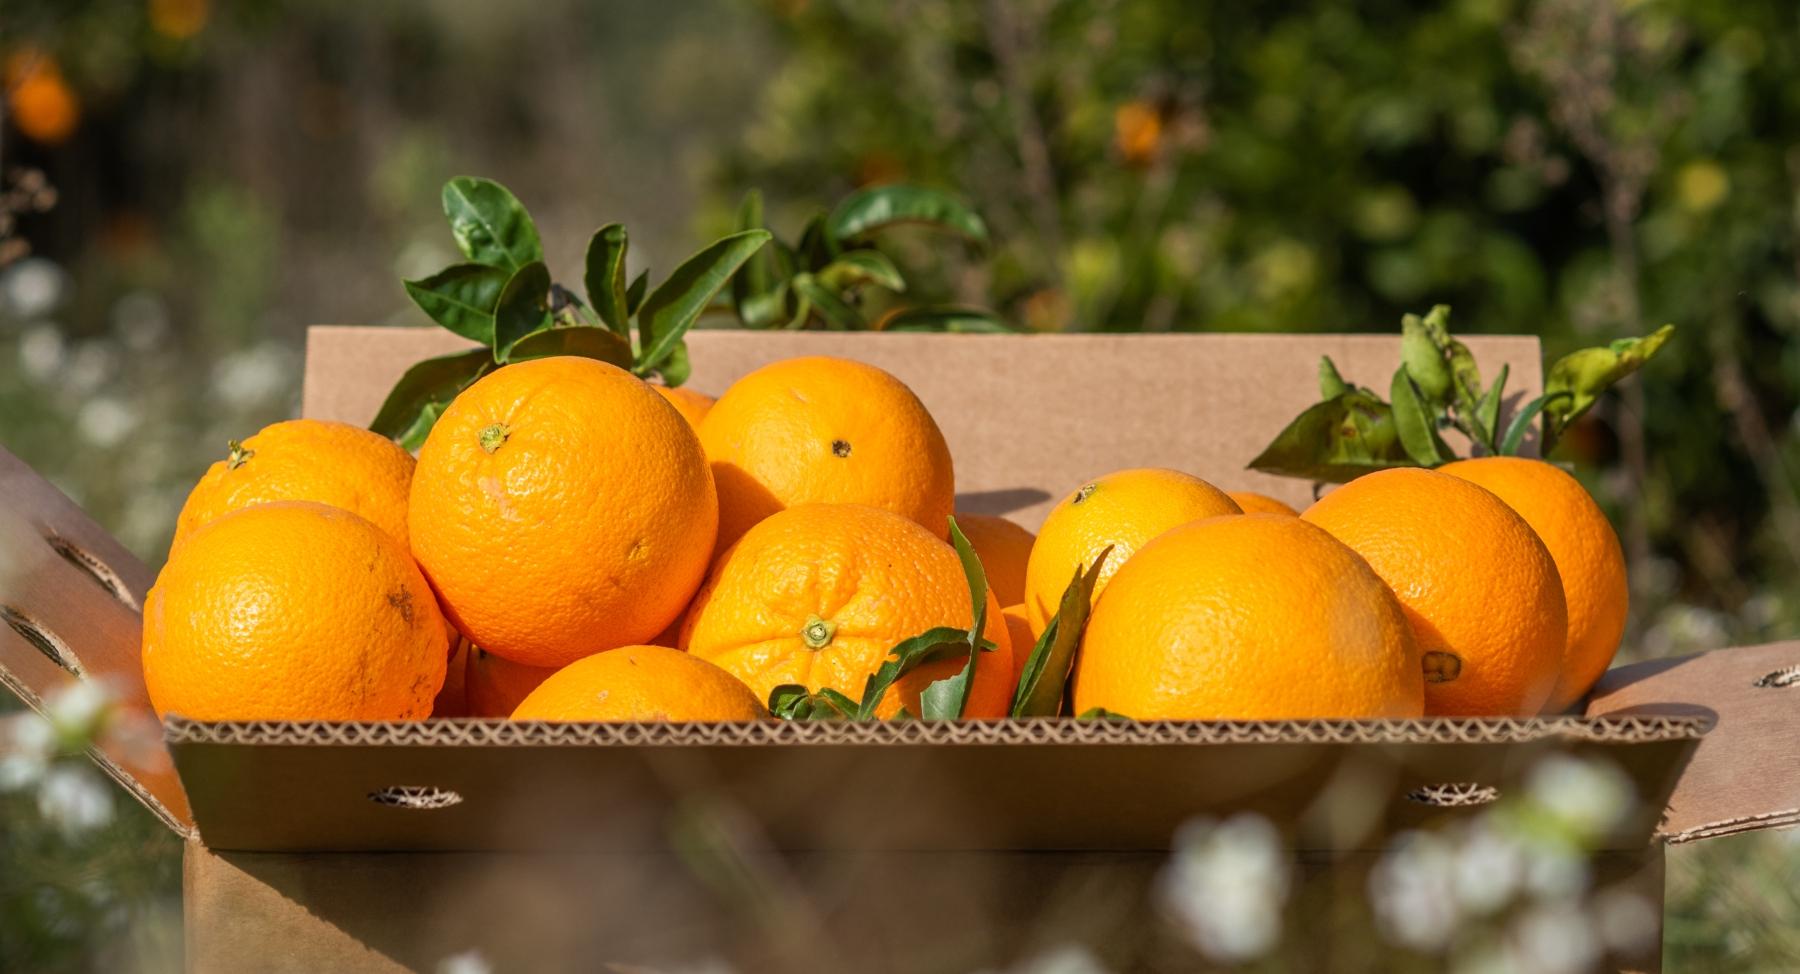 Bio-Orangen in einem Karton